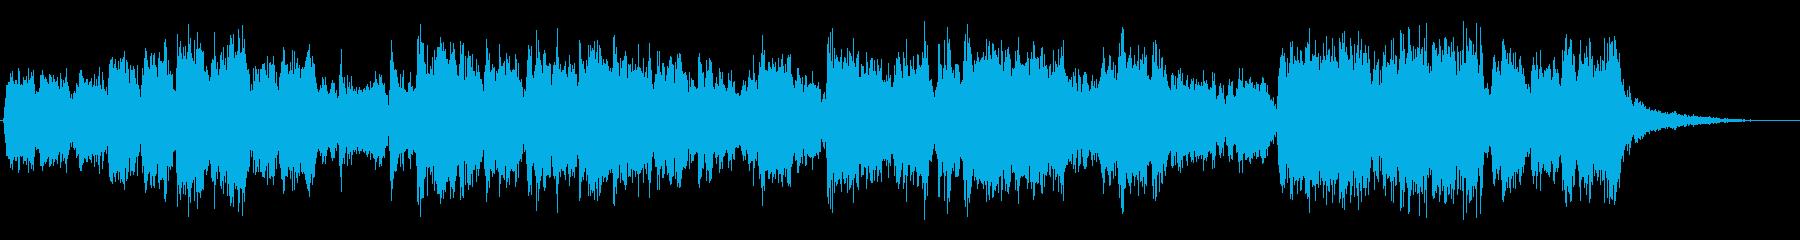 ★★★ややシリアスな聖歌隊✡合唱のみ✡Eの再生済みの波形